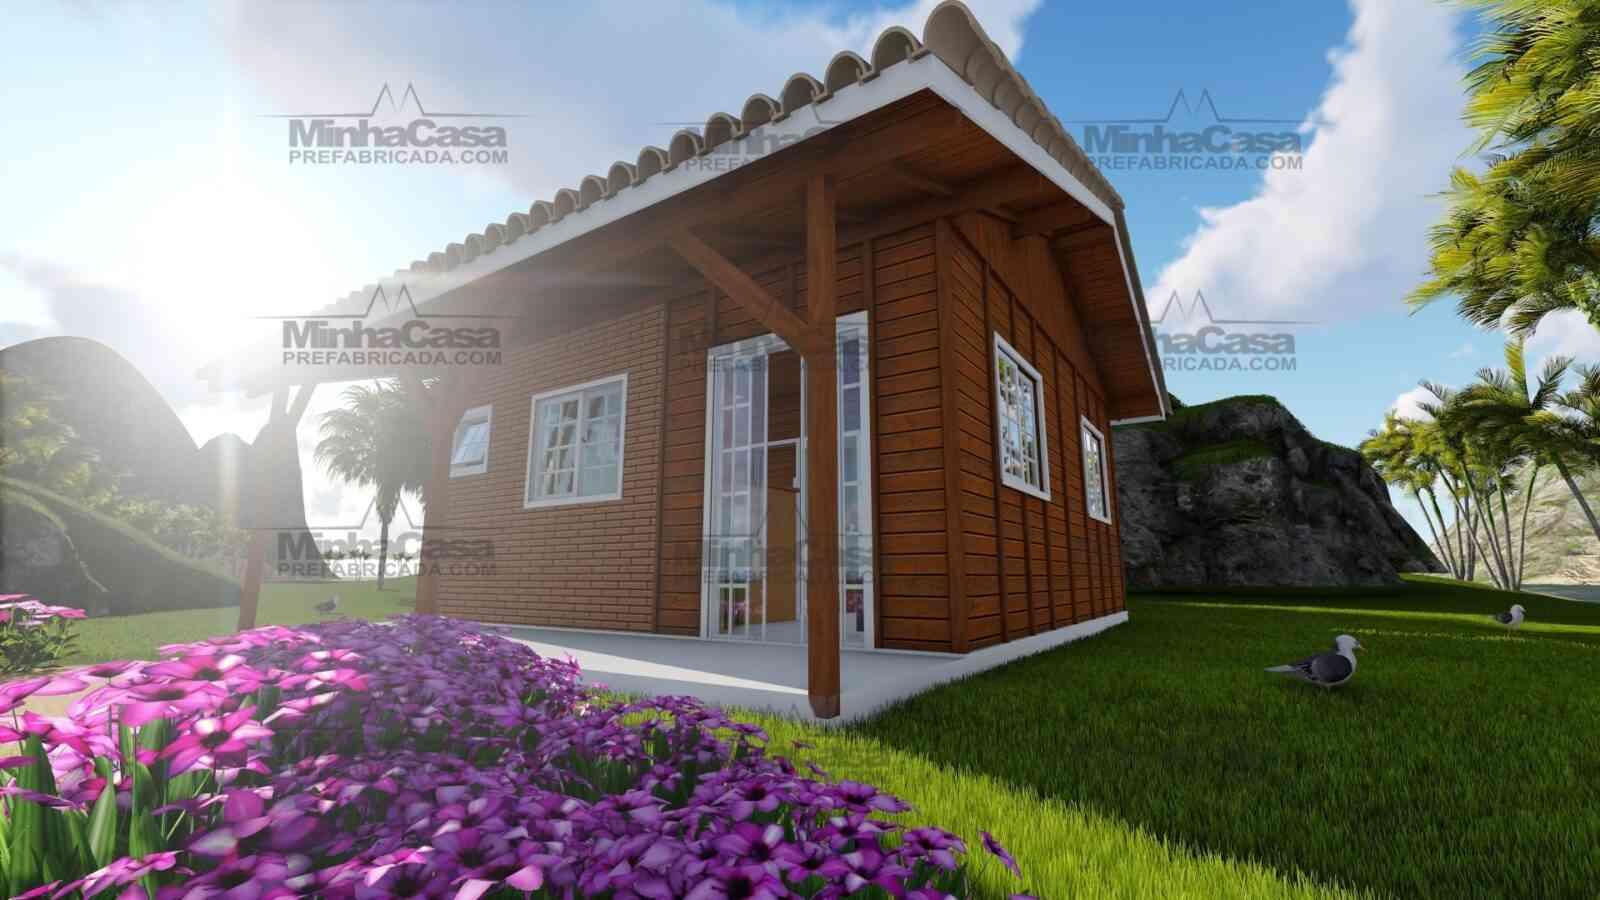 Minha-casa-pré-fabricada-modelo-Joinville-01